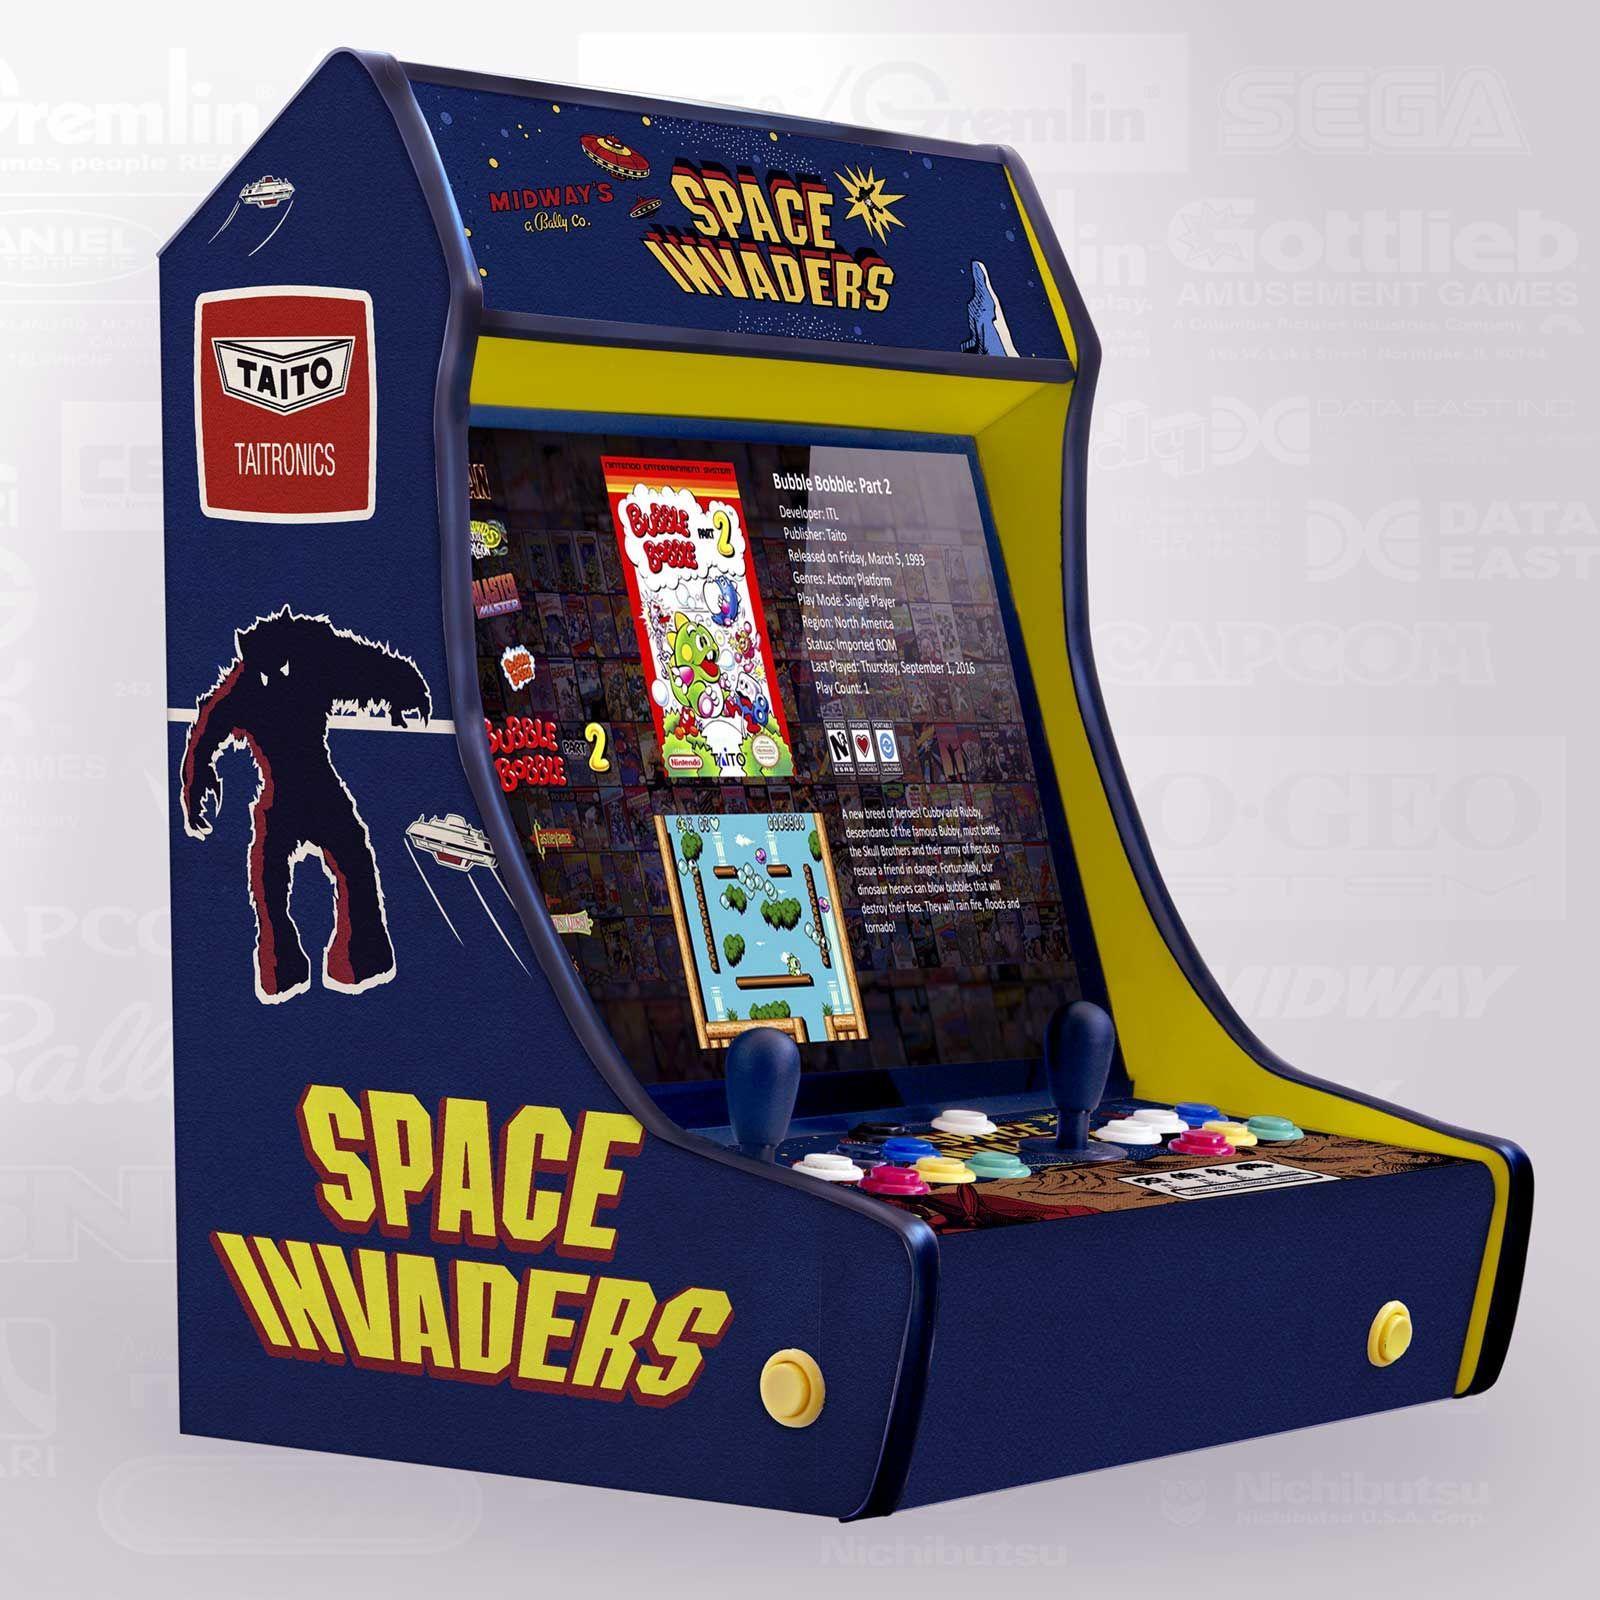 Máquina Arcade Bartop Modelo Spaceinvaders Arcade Juego De Arcade Maquinas Recreativas